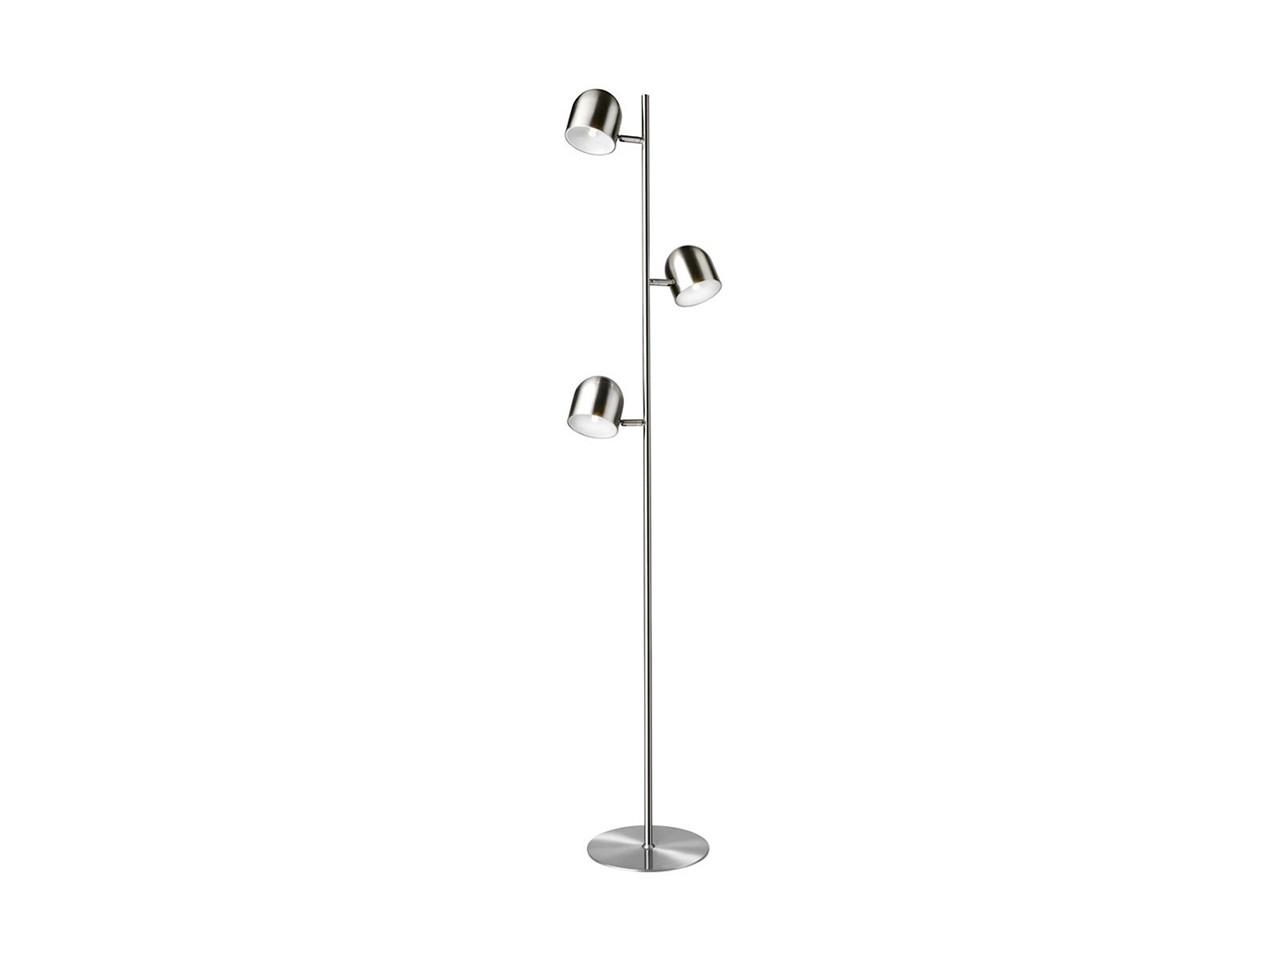 Торшер EllaТоршеры<br>Вид цоколя: встроенные светодиоды&amp;amp;nbsp;&amp;lt;div&amp;gt;Мощность: 3W&amp;lt;/div&amp;gt;&amp;lt;div&amp;gt;Количество ламп: 3 шт&amp;lt;/div&amp;gt;<br><br>Material: Металл<br>Height см: 140<br>Diameter см: 9